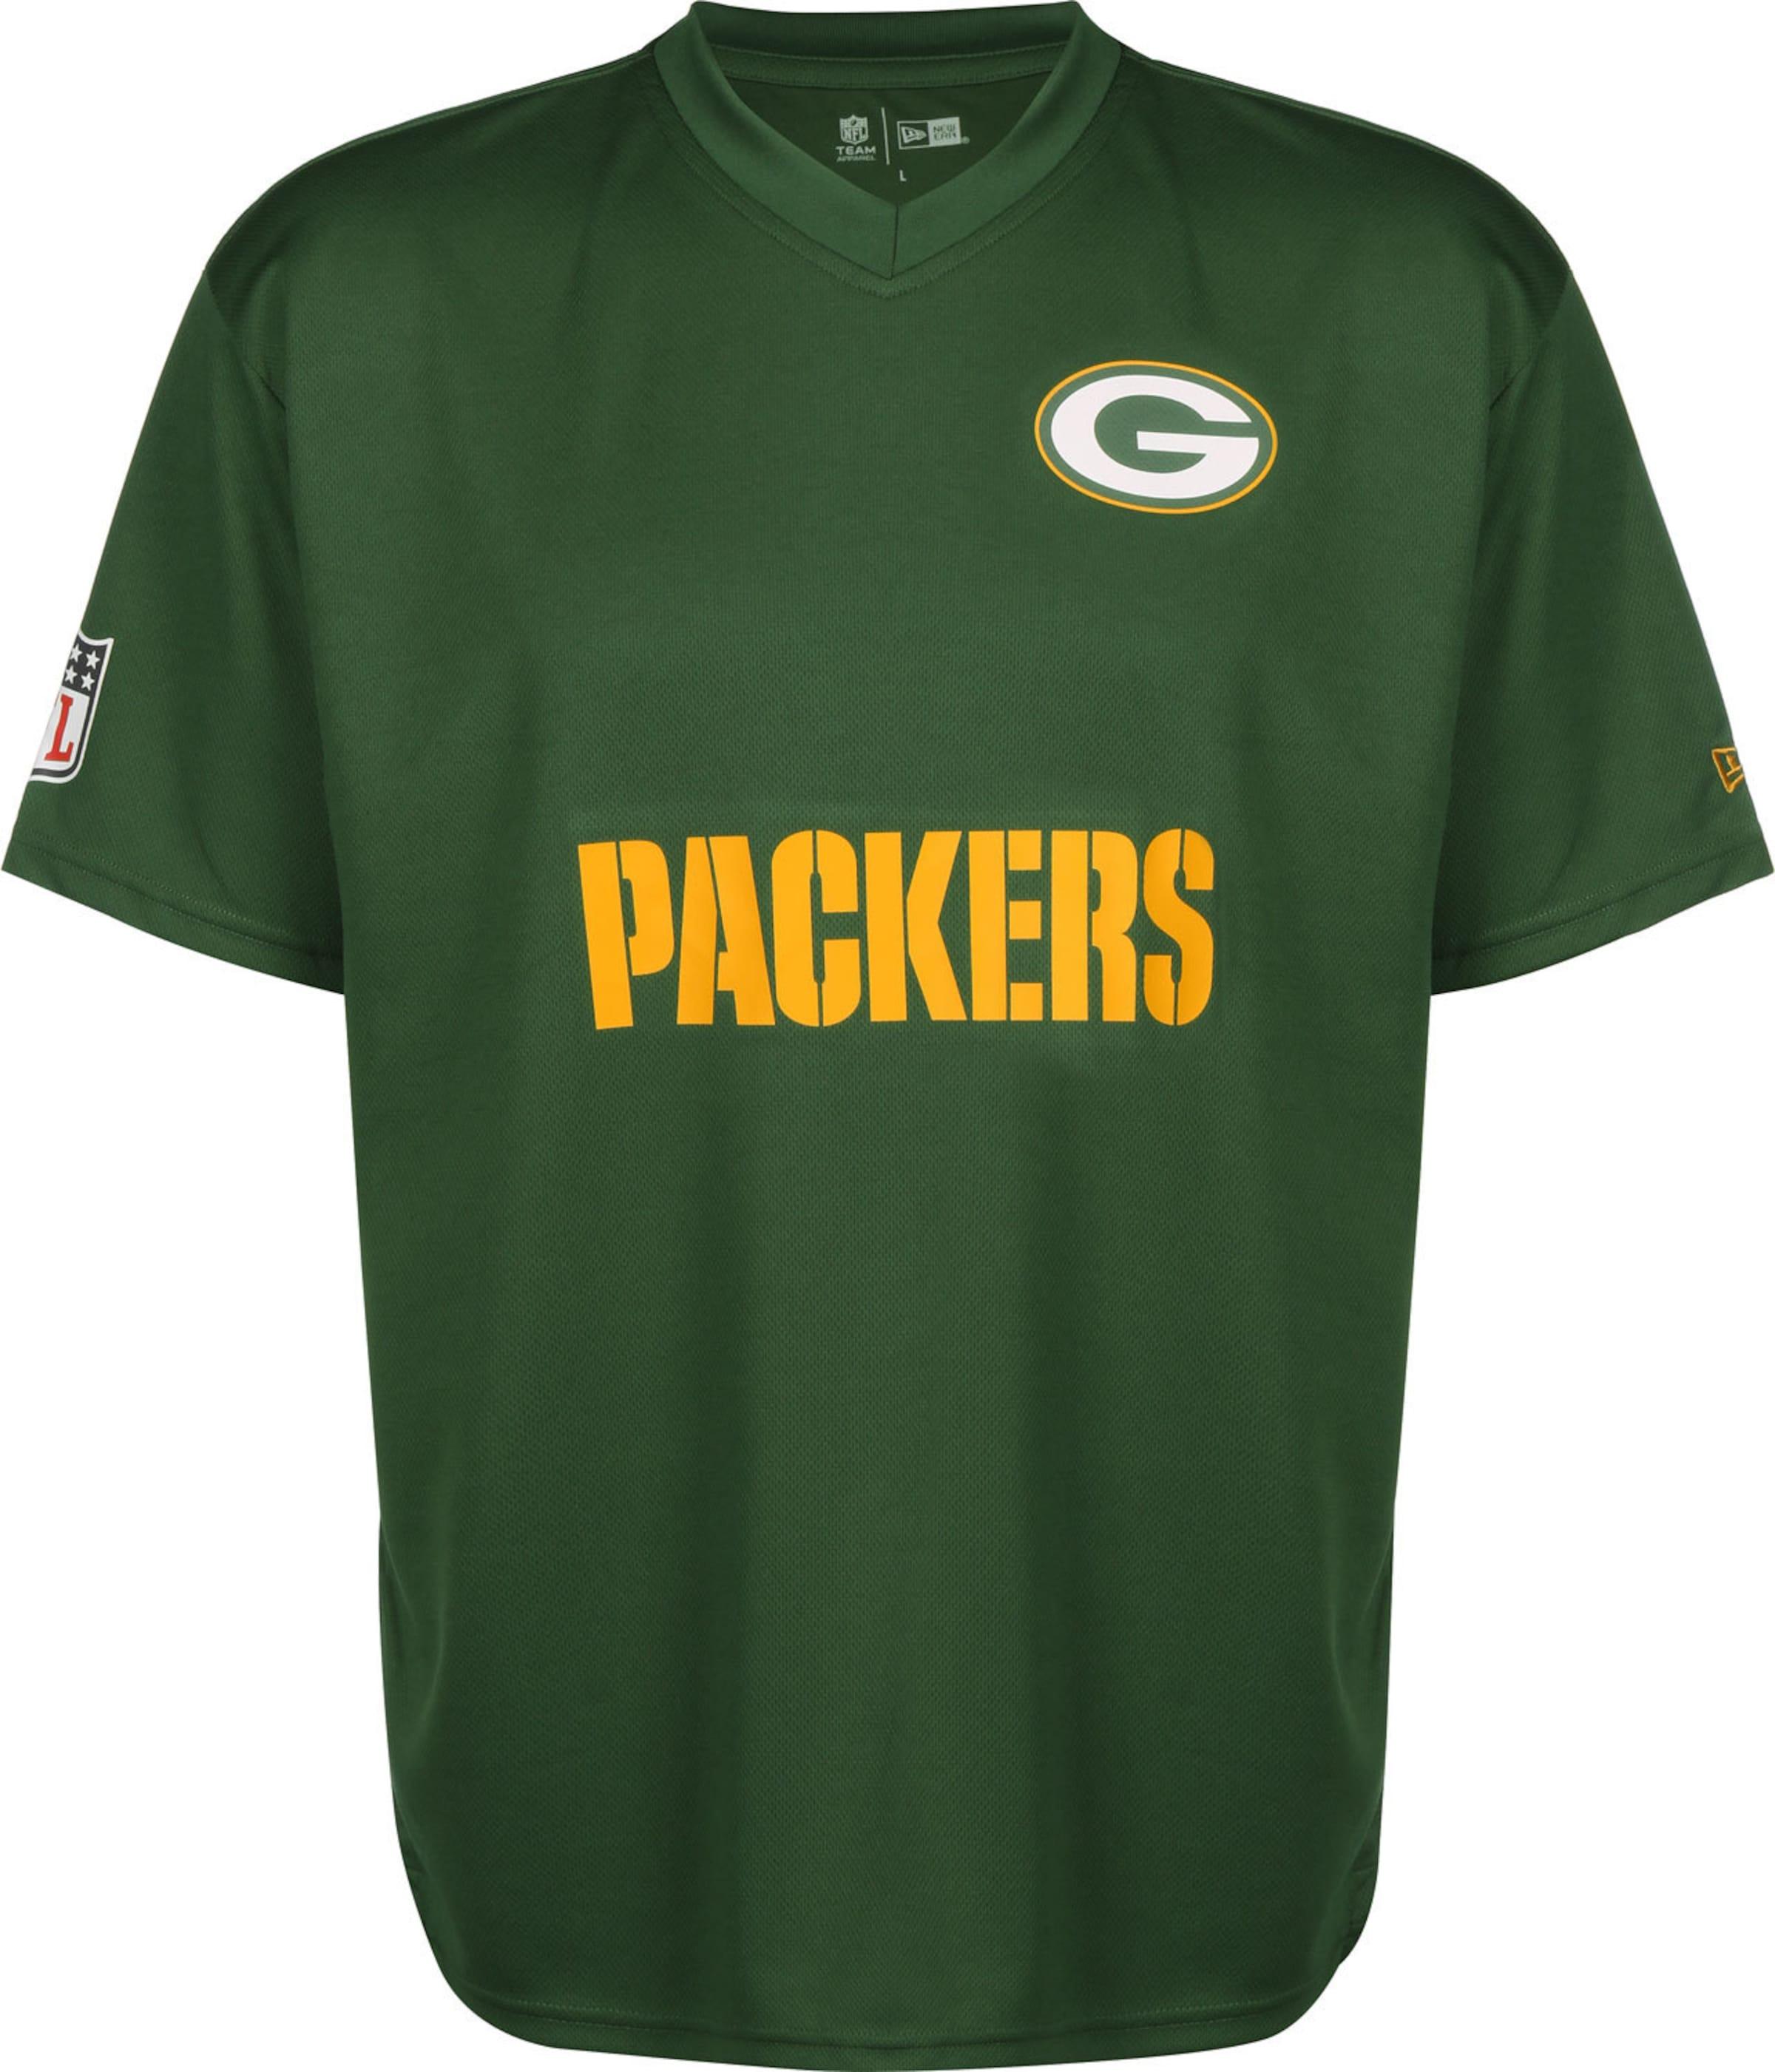 NEW ERA T-Shirt ' NFL Wordmark Oversized Green Bay Packers ' in grün V-Ausschnitt KT75392011